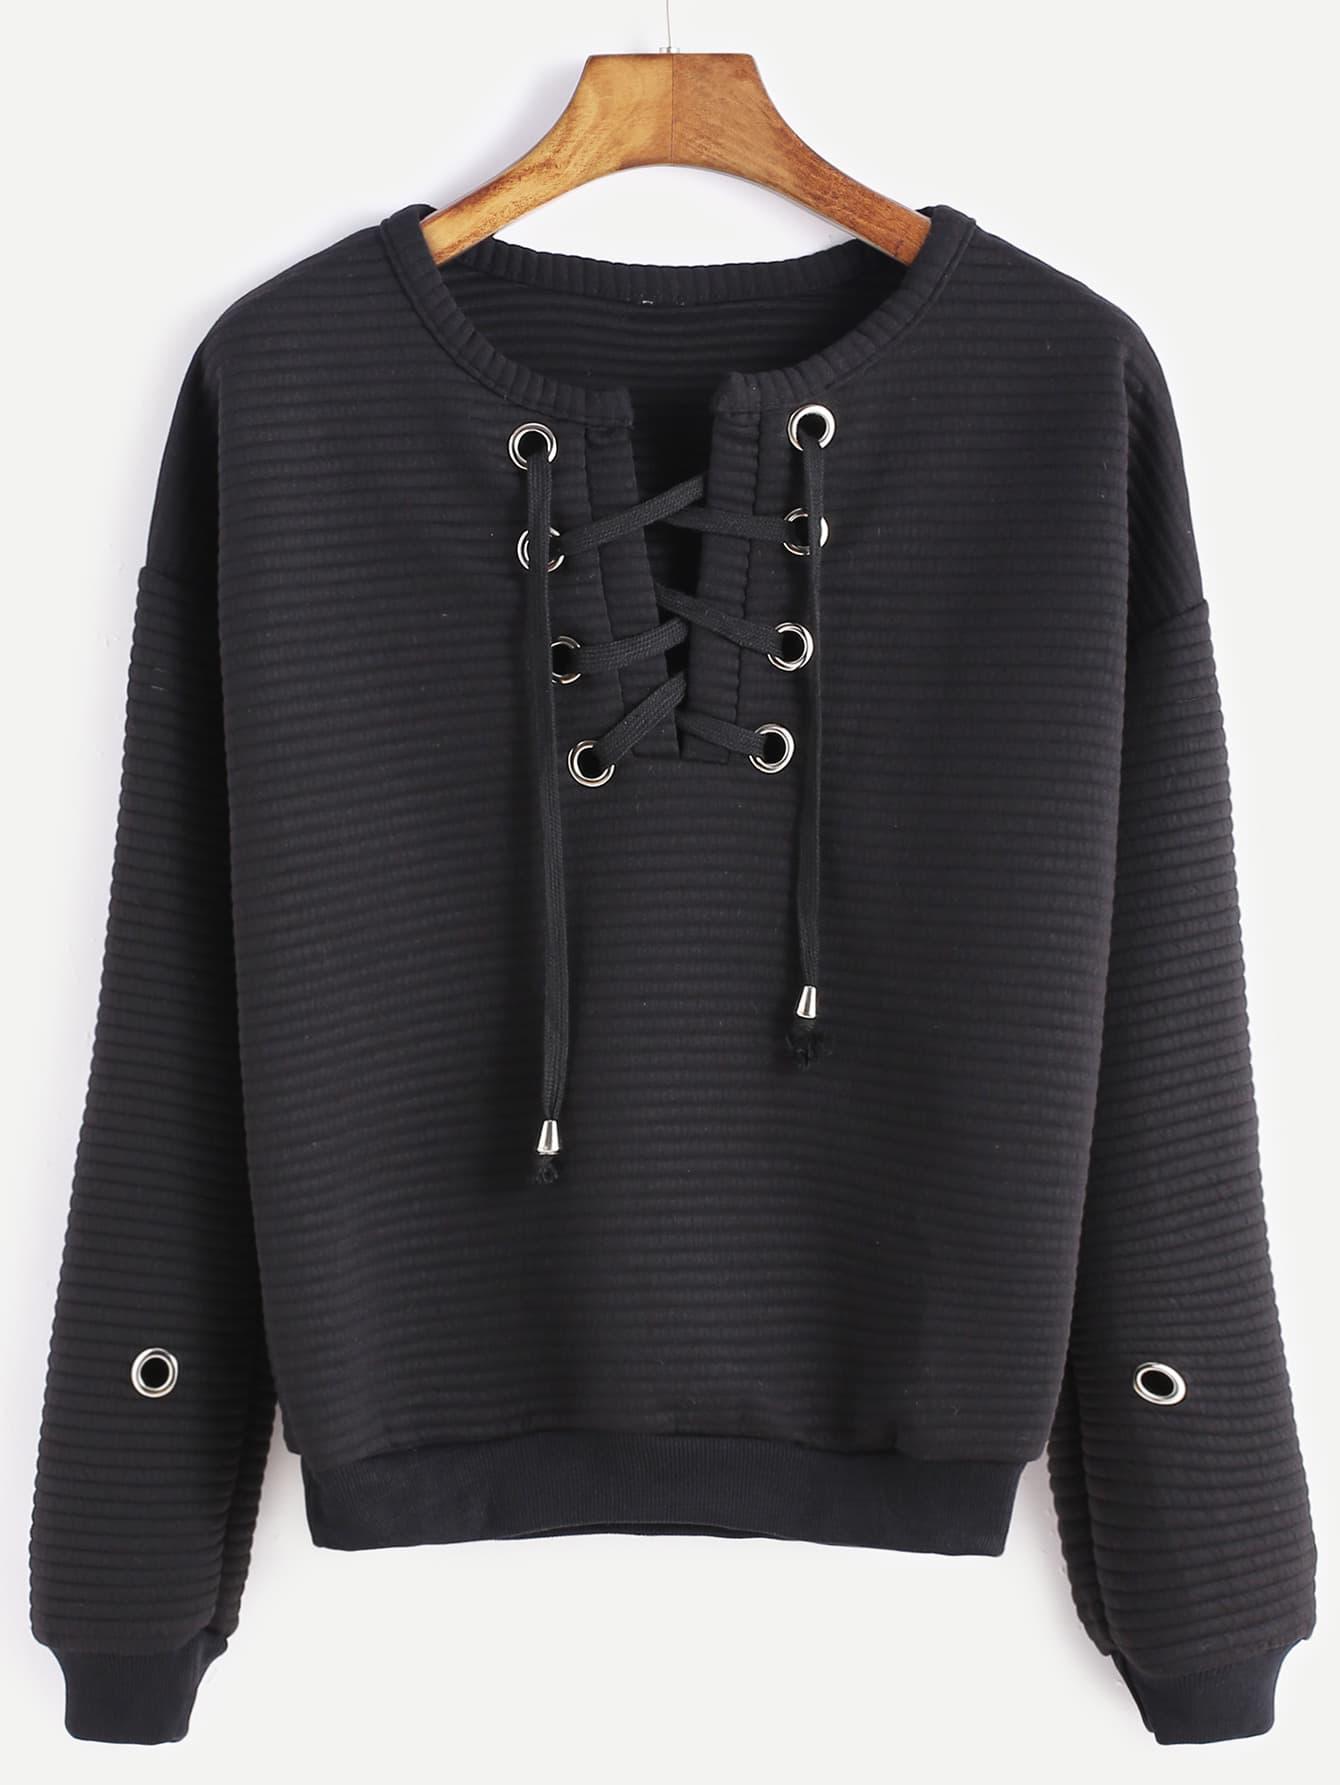 Black Lace Up Metal Eyelet Trim Ribbed Sweatshirt sweatshirt161122301